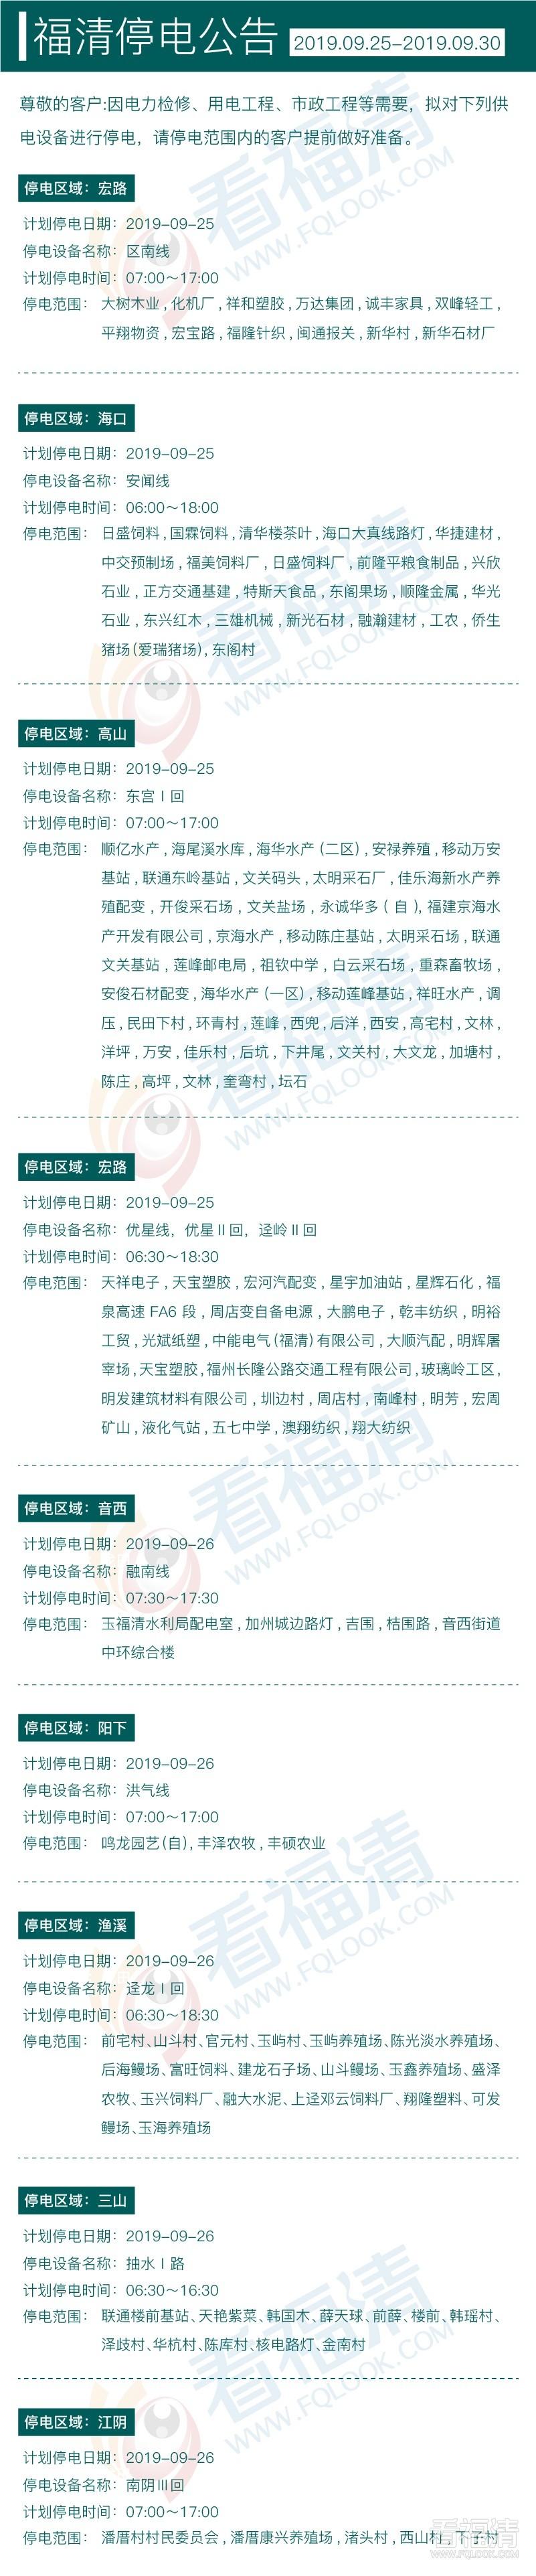 2019年9月福清停电公告(25日至30日)